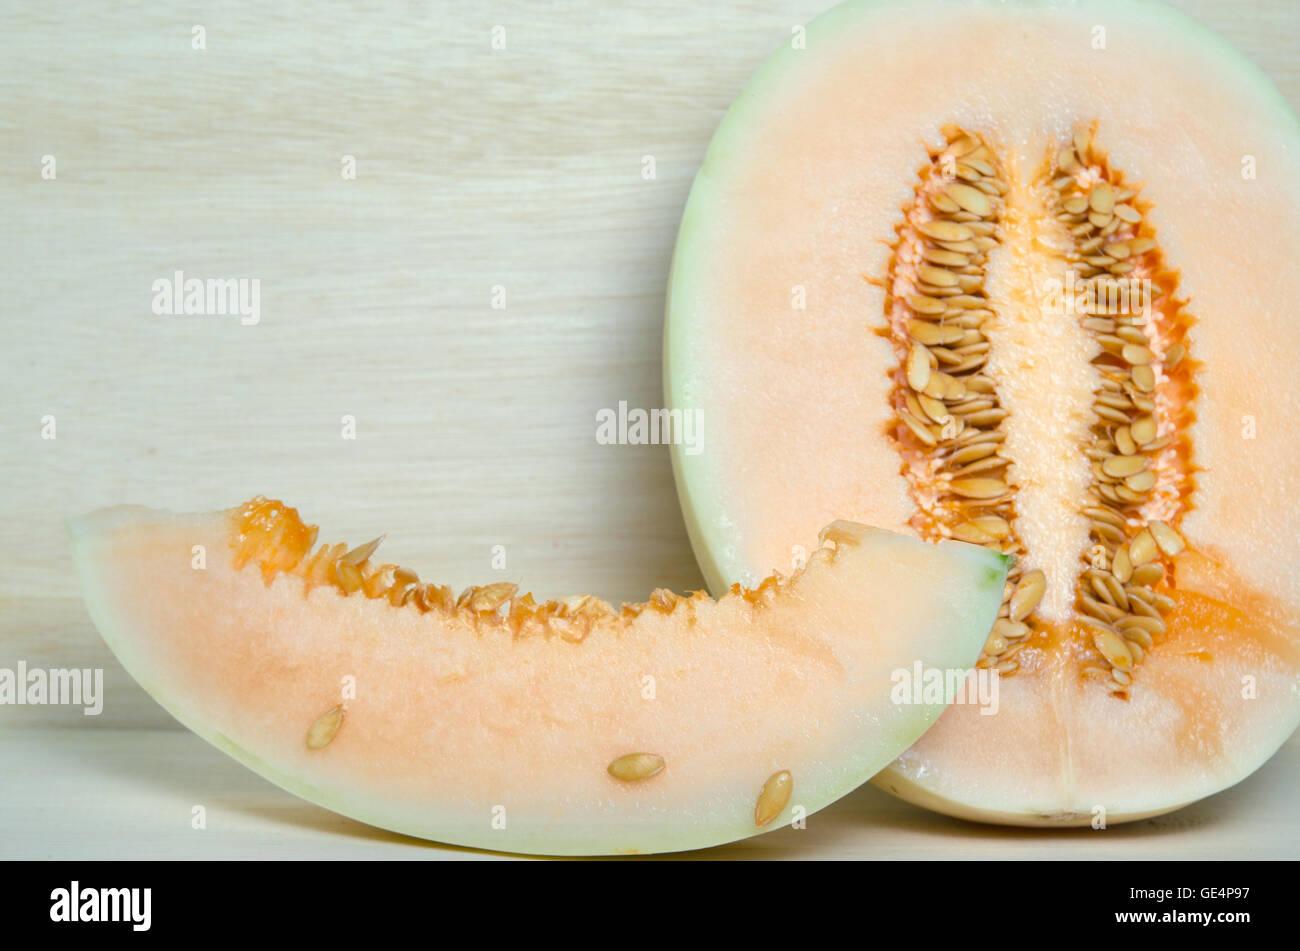 Rodajas de melón o melón Charentais o Cucumis melo var. cantalupensis sobre tablero de madera antecedentes Imagen De Stock